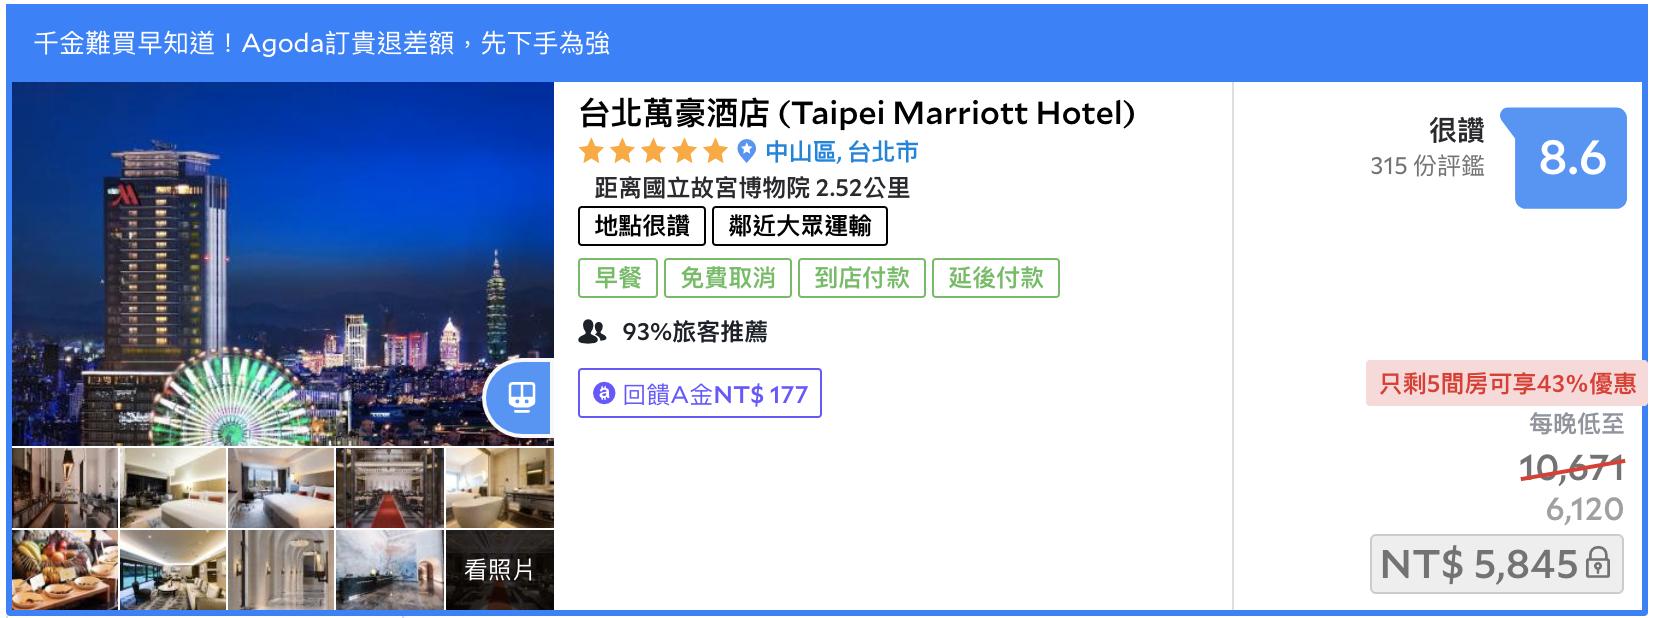 台北萬豪訂房,4K專案還有零星房間,含早餐、行政酒廊、早入住晚退房~可SNP(查房日期:7/13)